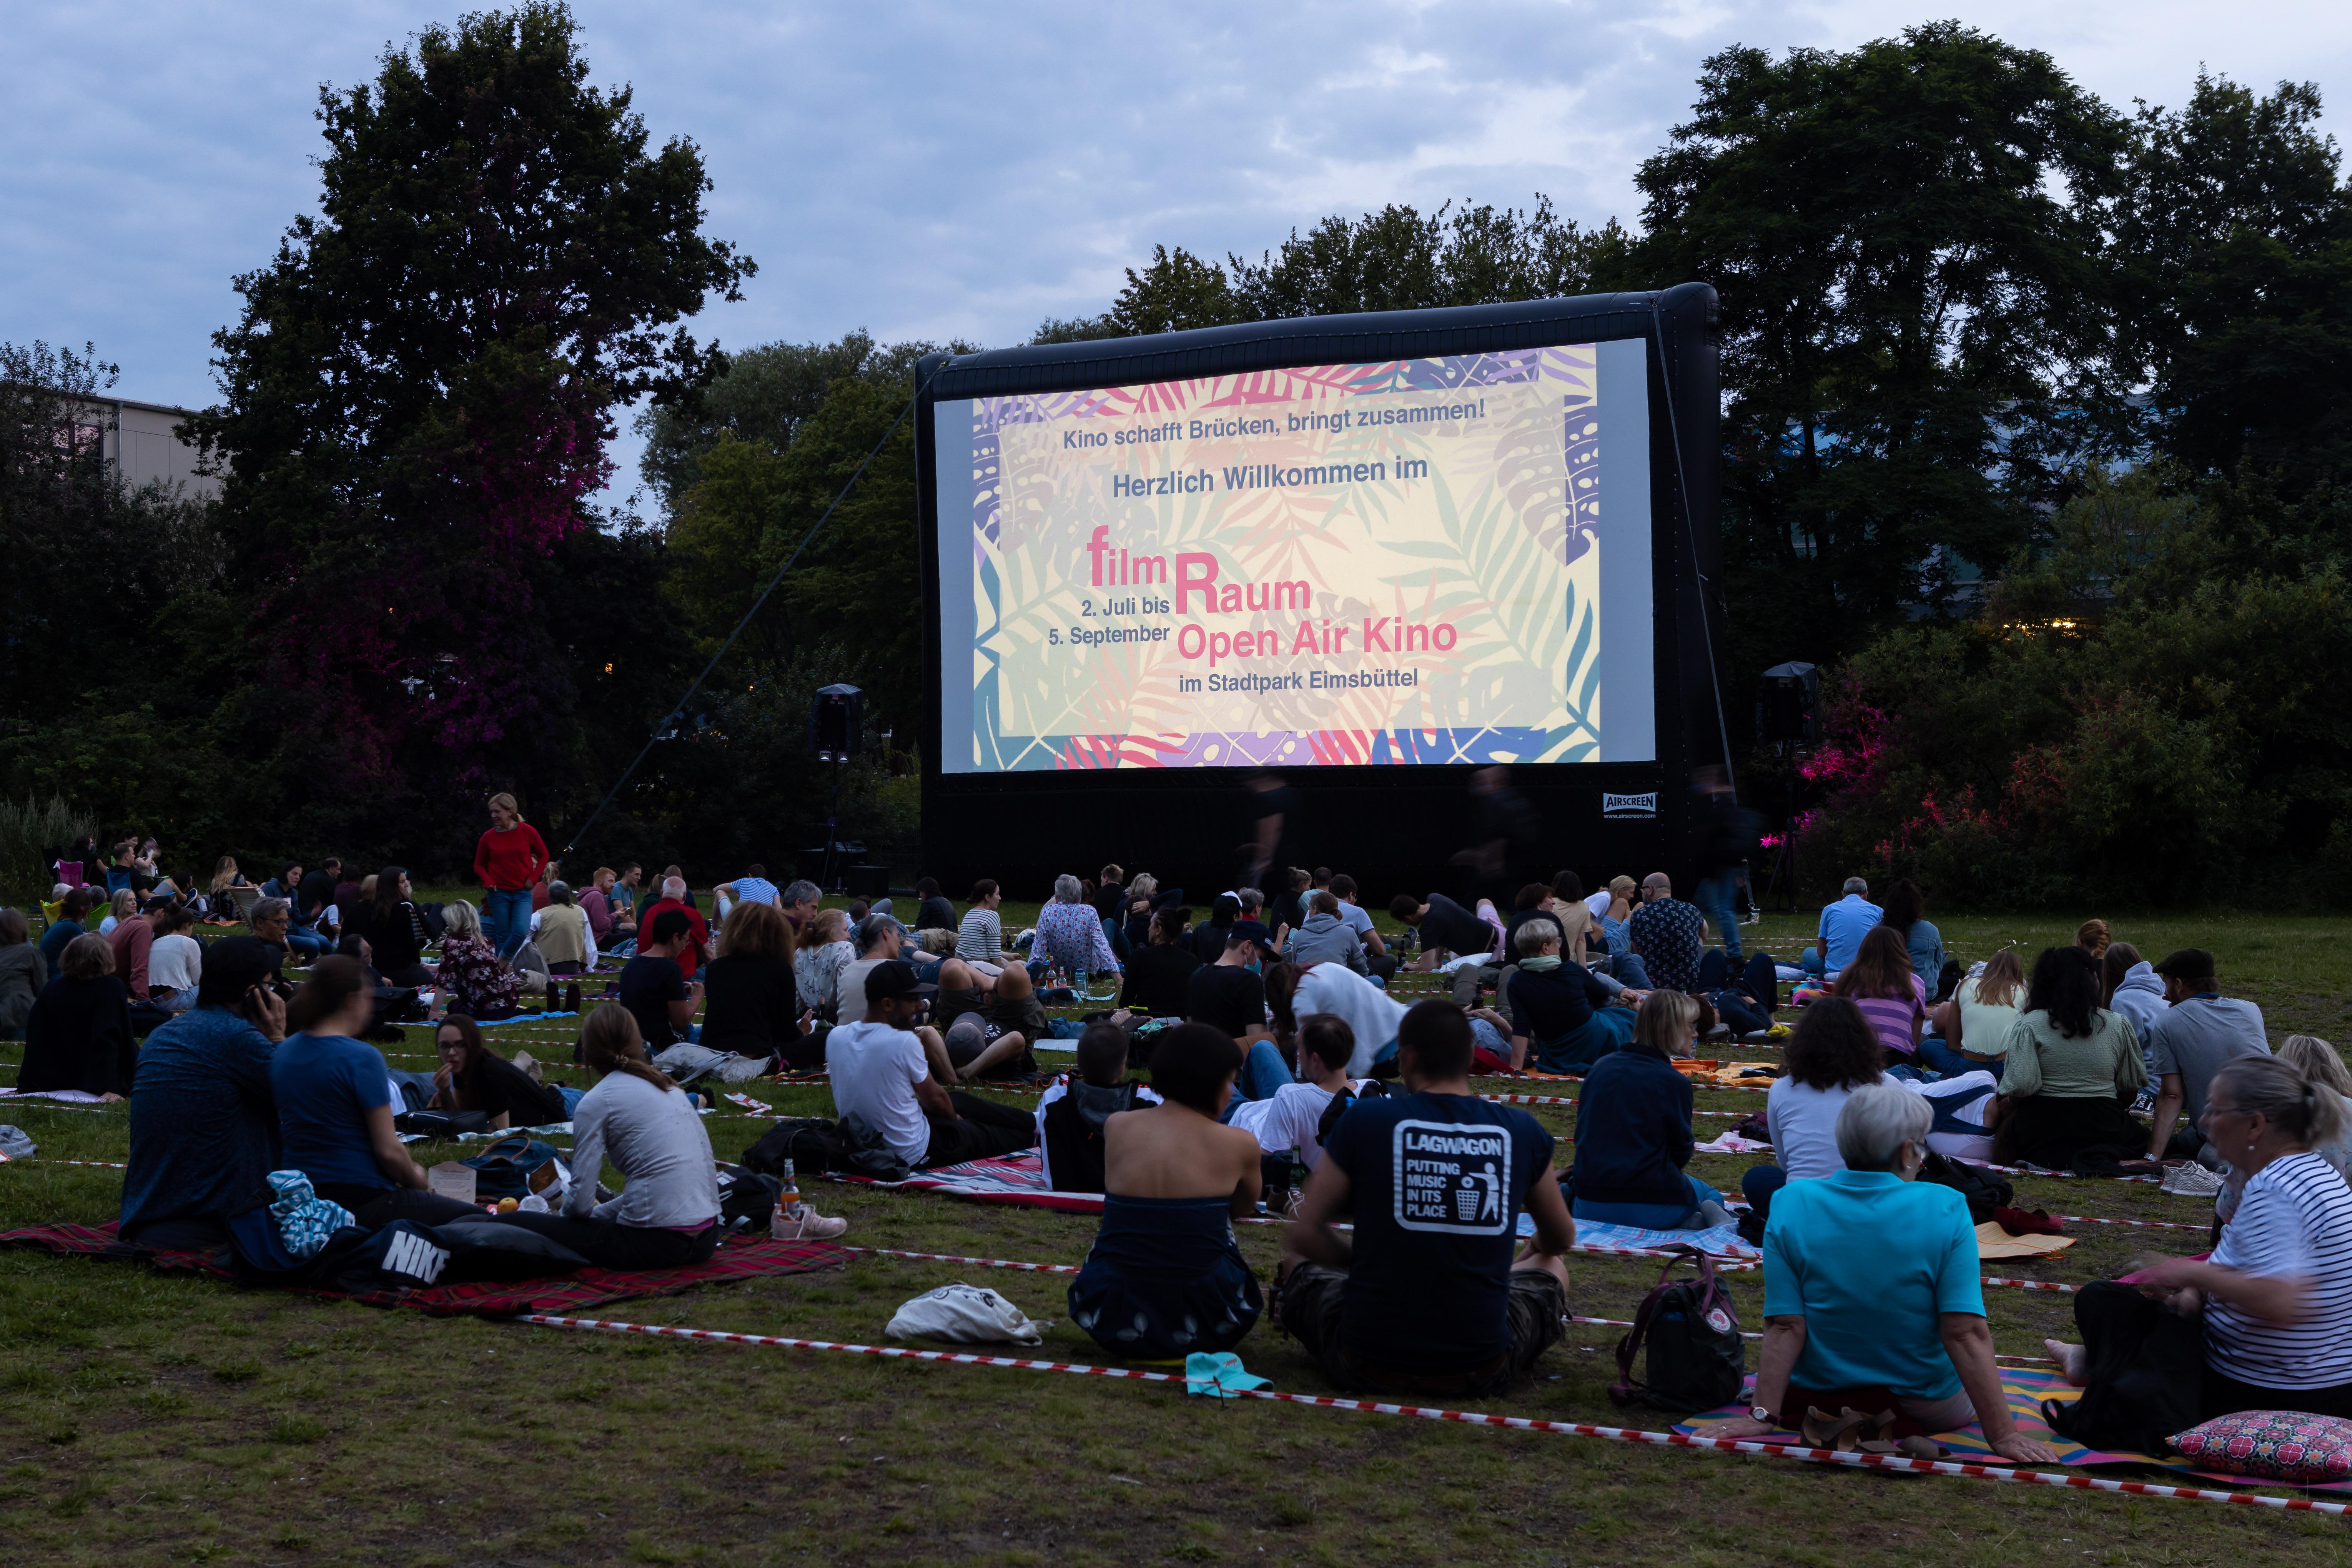 Das FilmRaum Open Air Kino bringt uns zusammen! Diesmal läuft Undine.